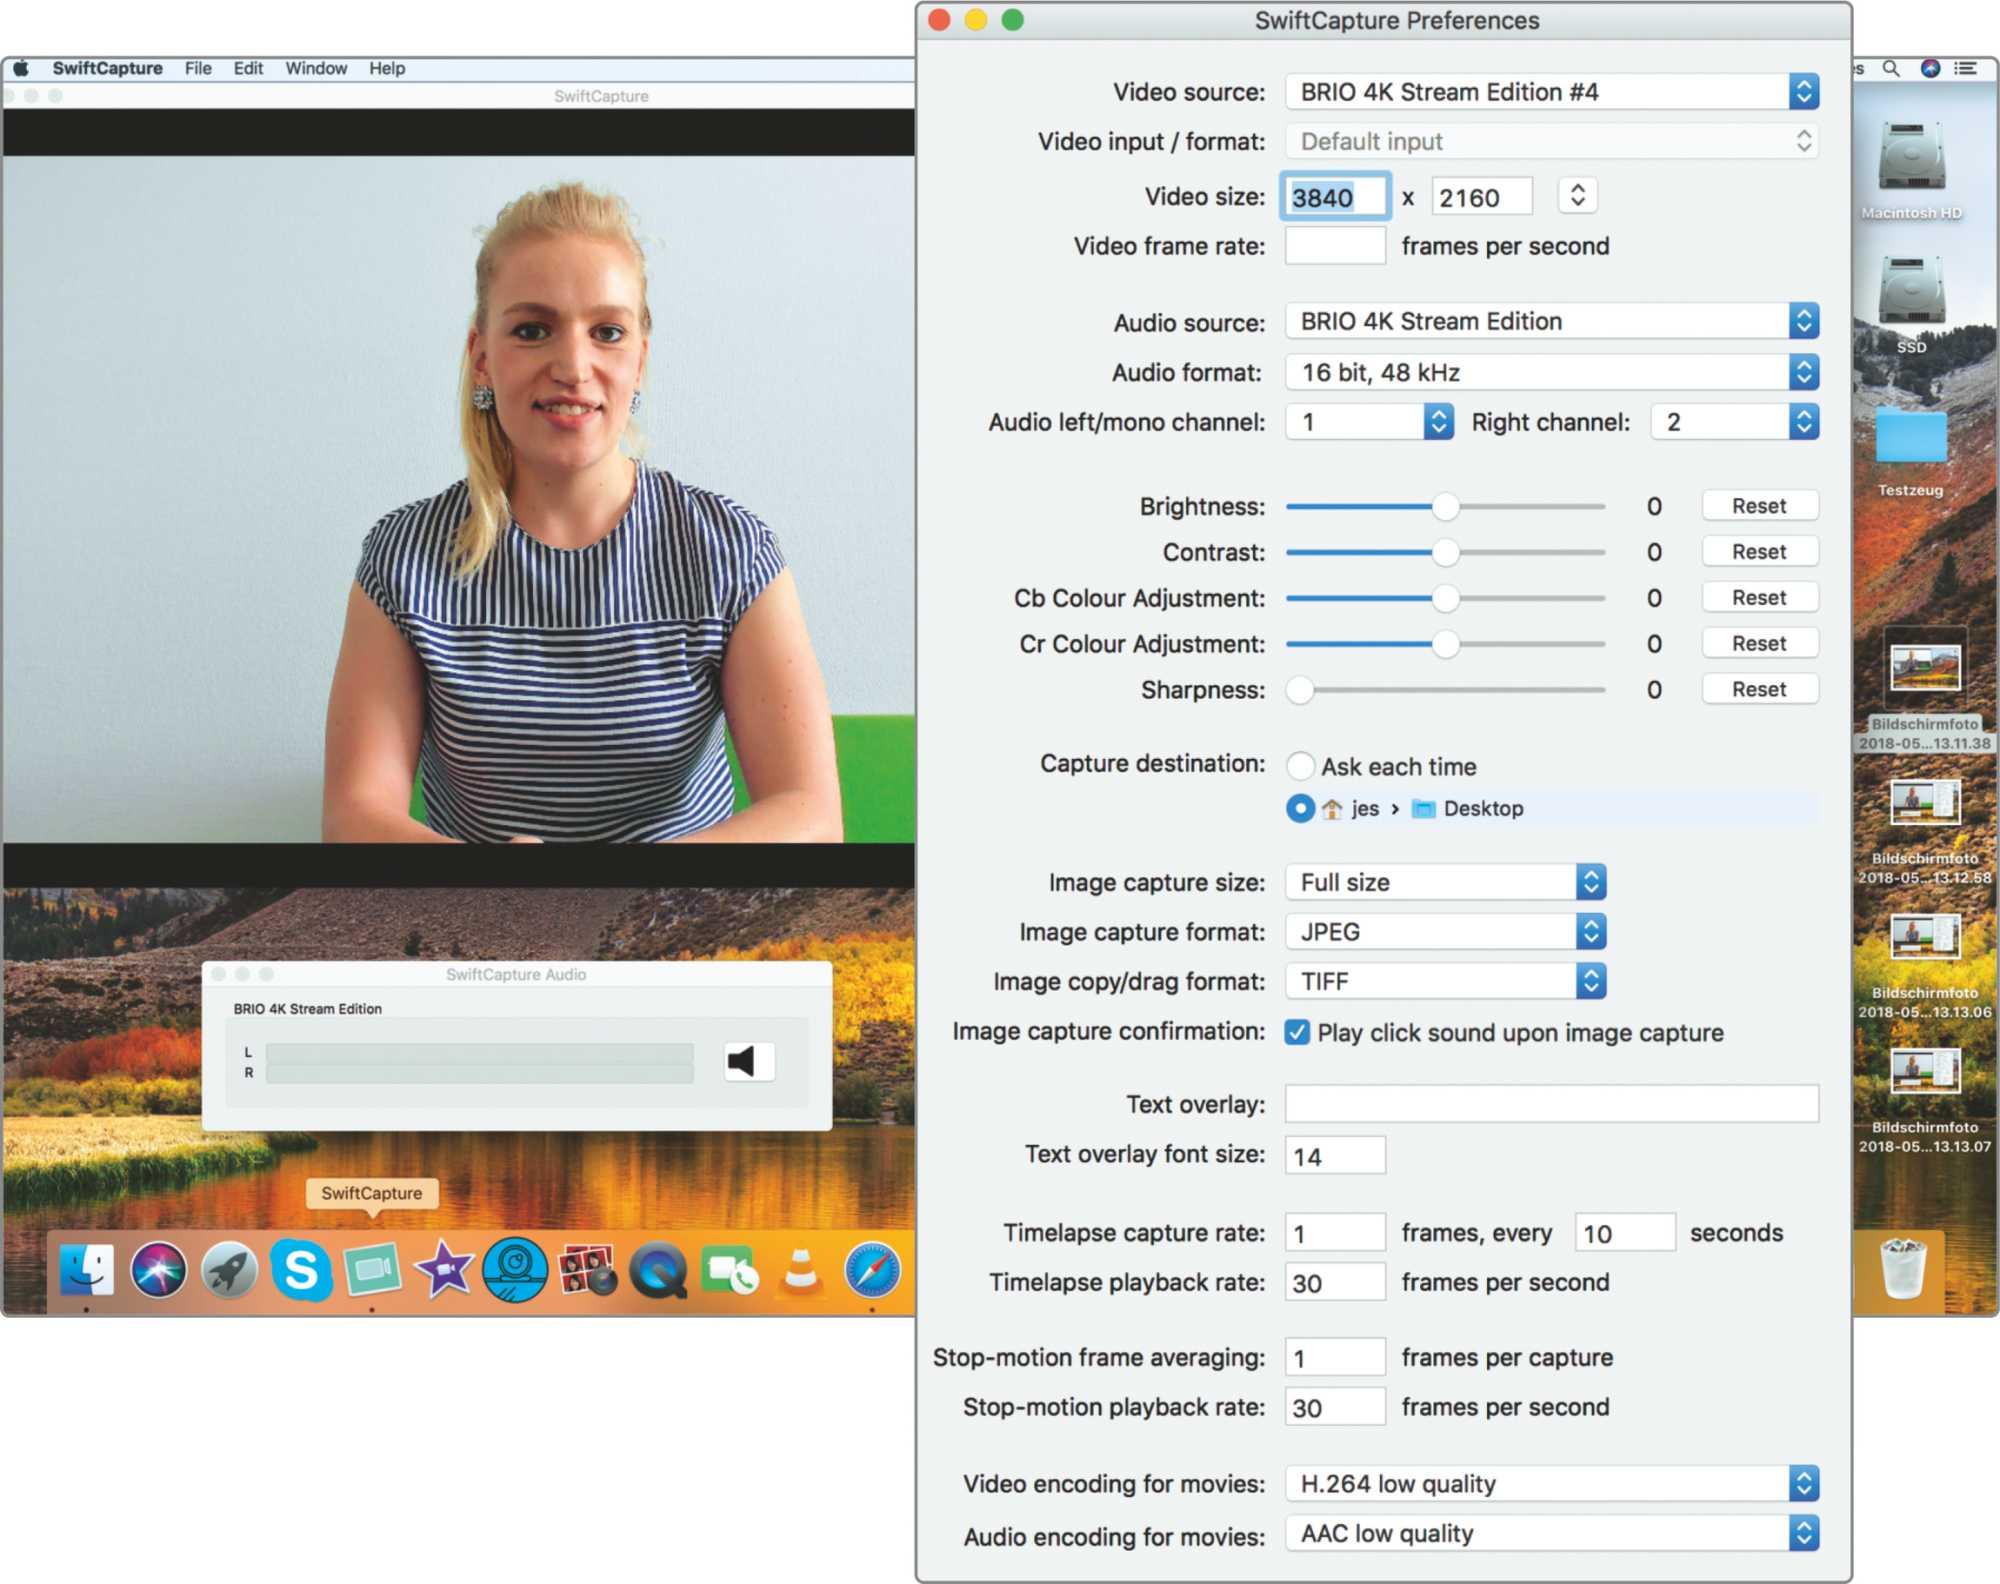 Die 35-Euro-Software SwiftCapture unterstützt auch höhere Auflösungen bis hin zu 4K.